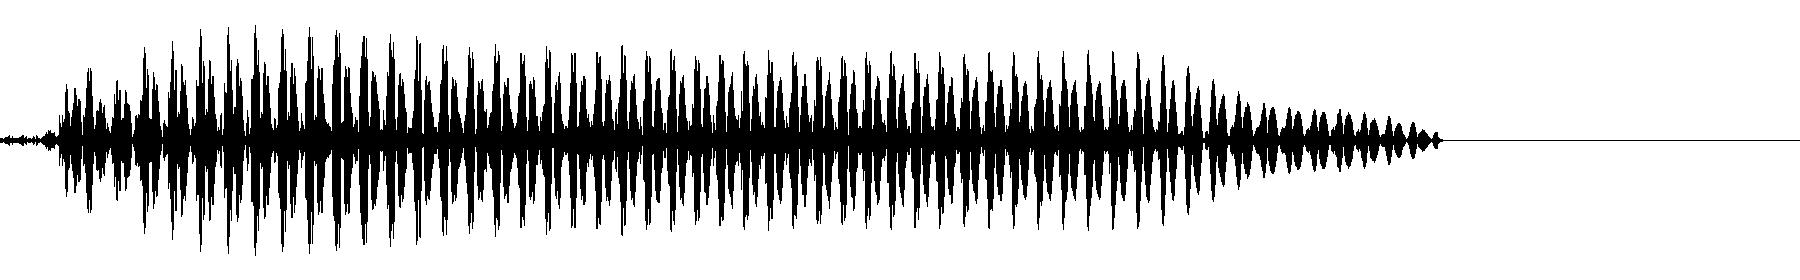 gia sound 15 d3